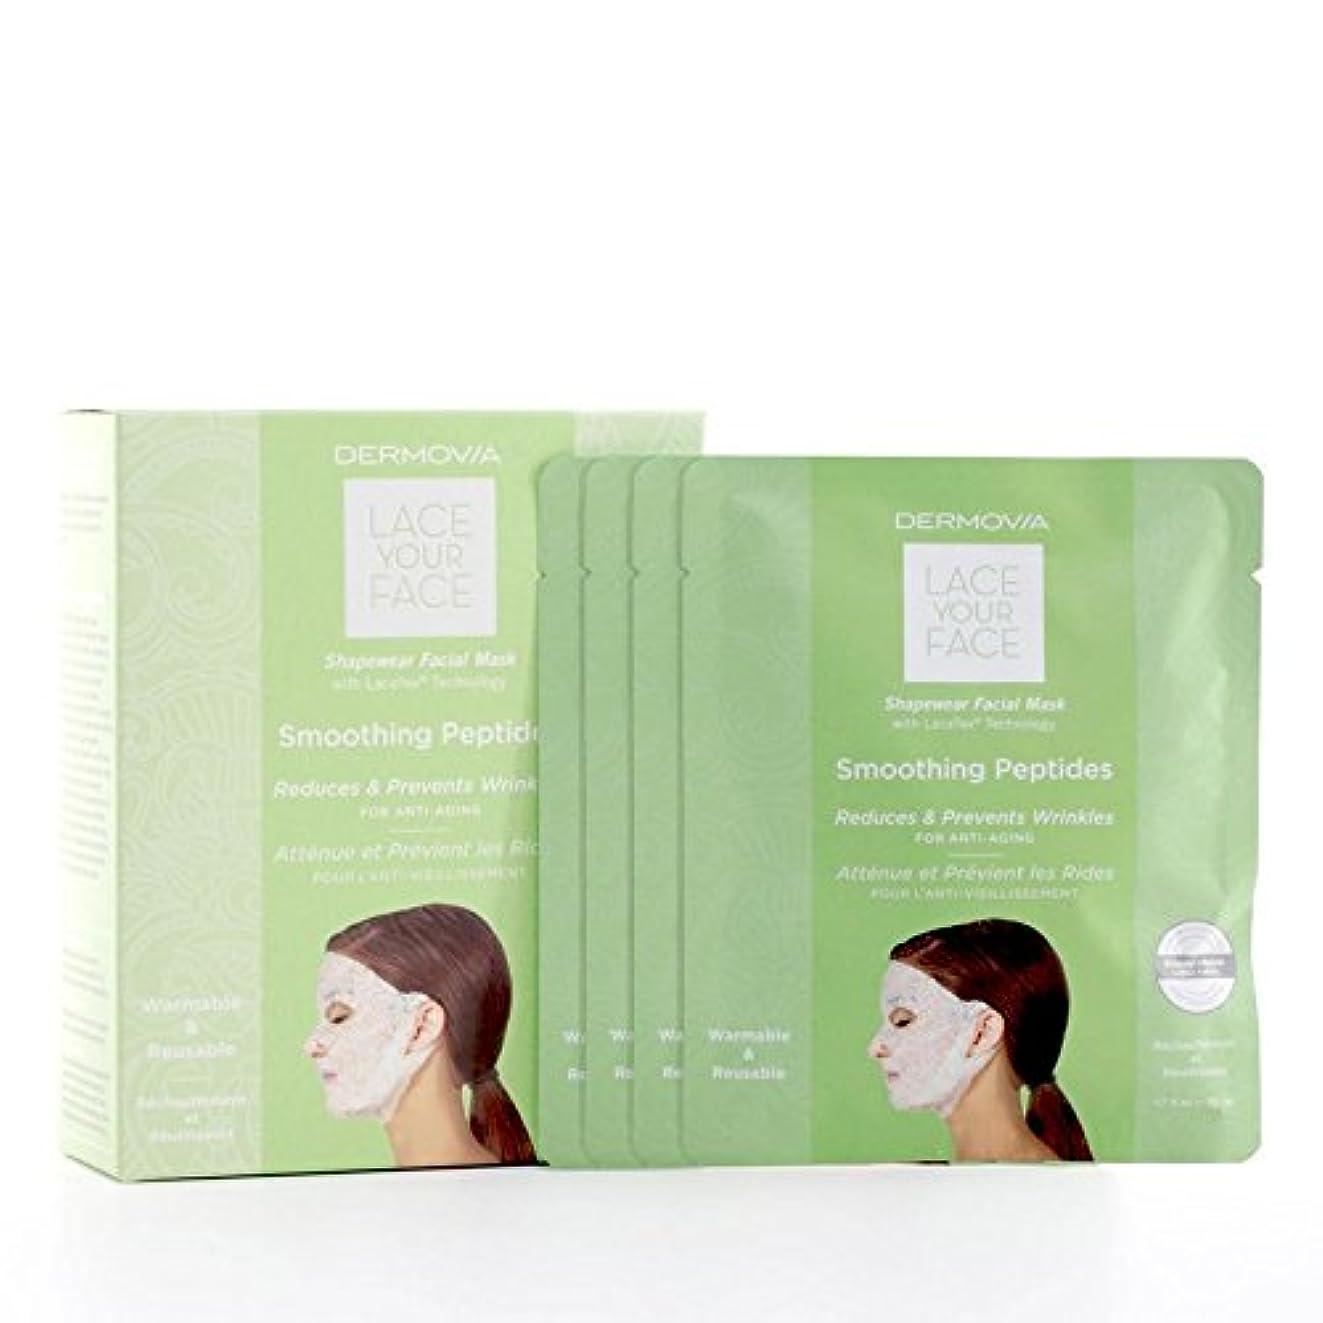 休眠モスレンディションDermovia Lace Your Face Compression Facial Mask Smoothing Peptides - は、あなたの顔の圧縮フェイシャルマスク平滑化ペプチドをひもで締めます [並行輸入品]